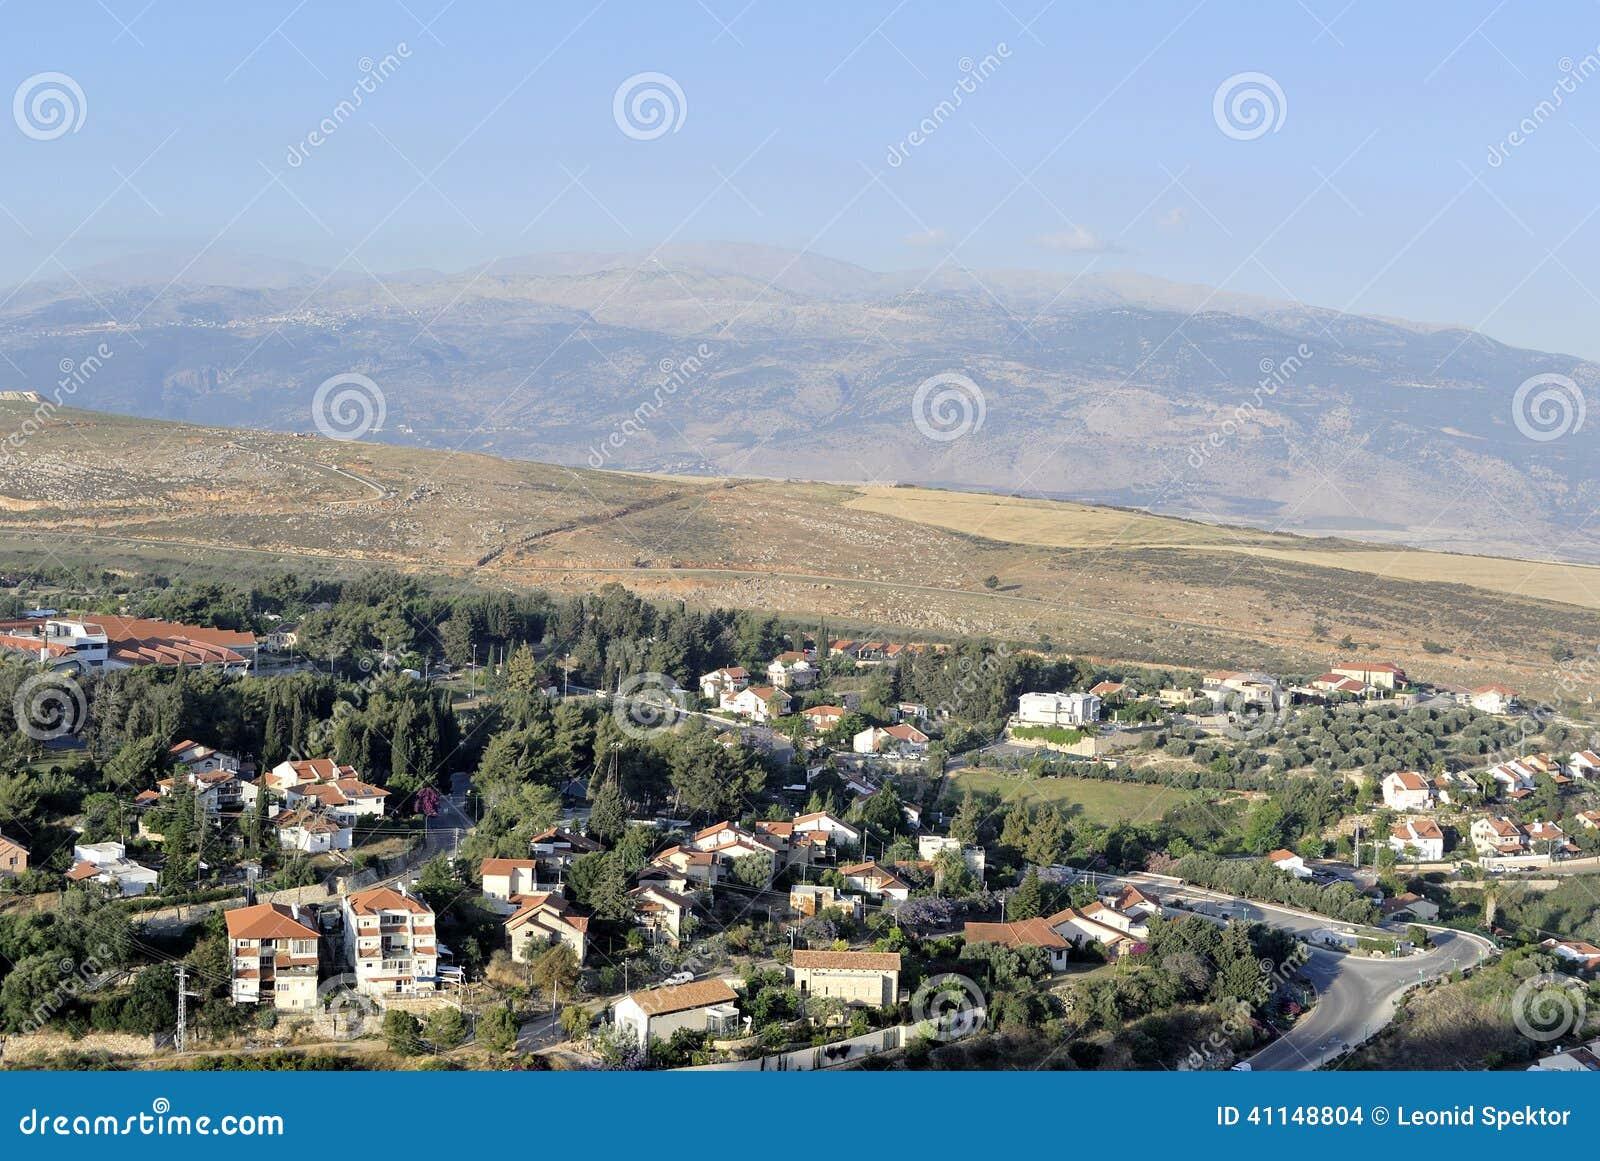 Metula Israel  city pictures gallery : Paisaje Del Pueblo De Metula, Israel Foto de archivo Imagen ...